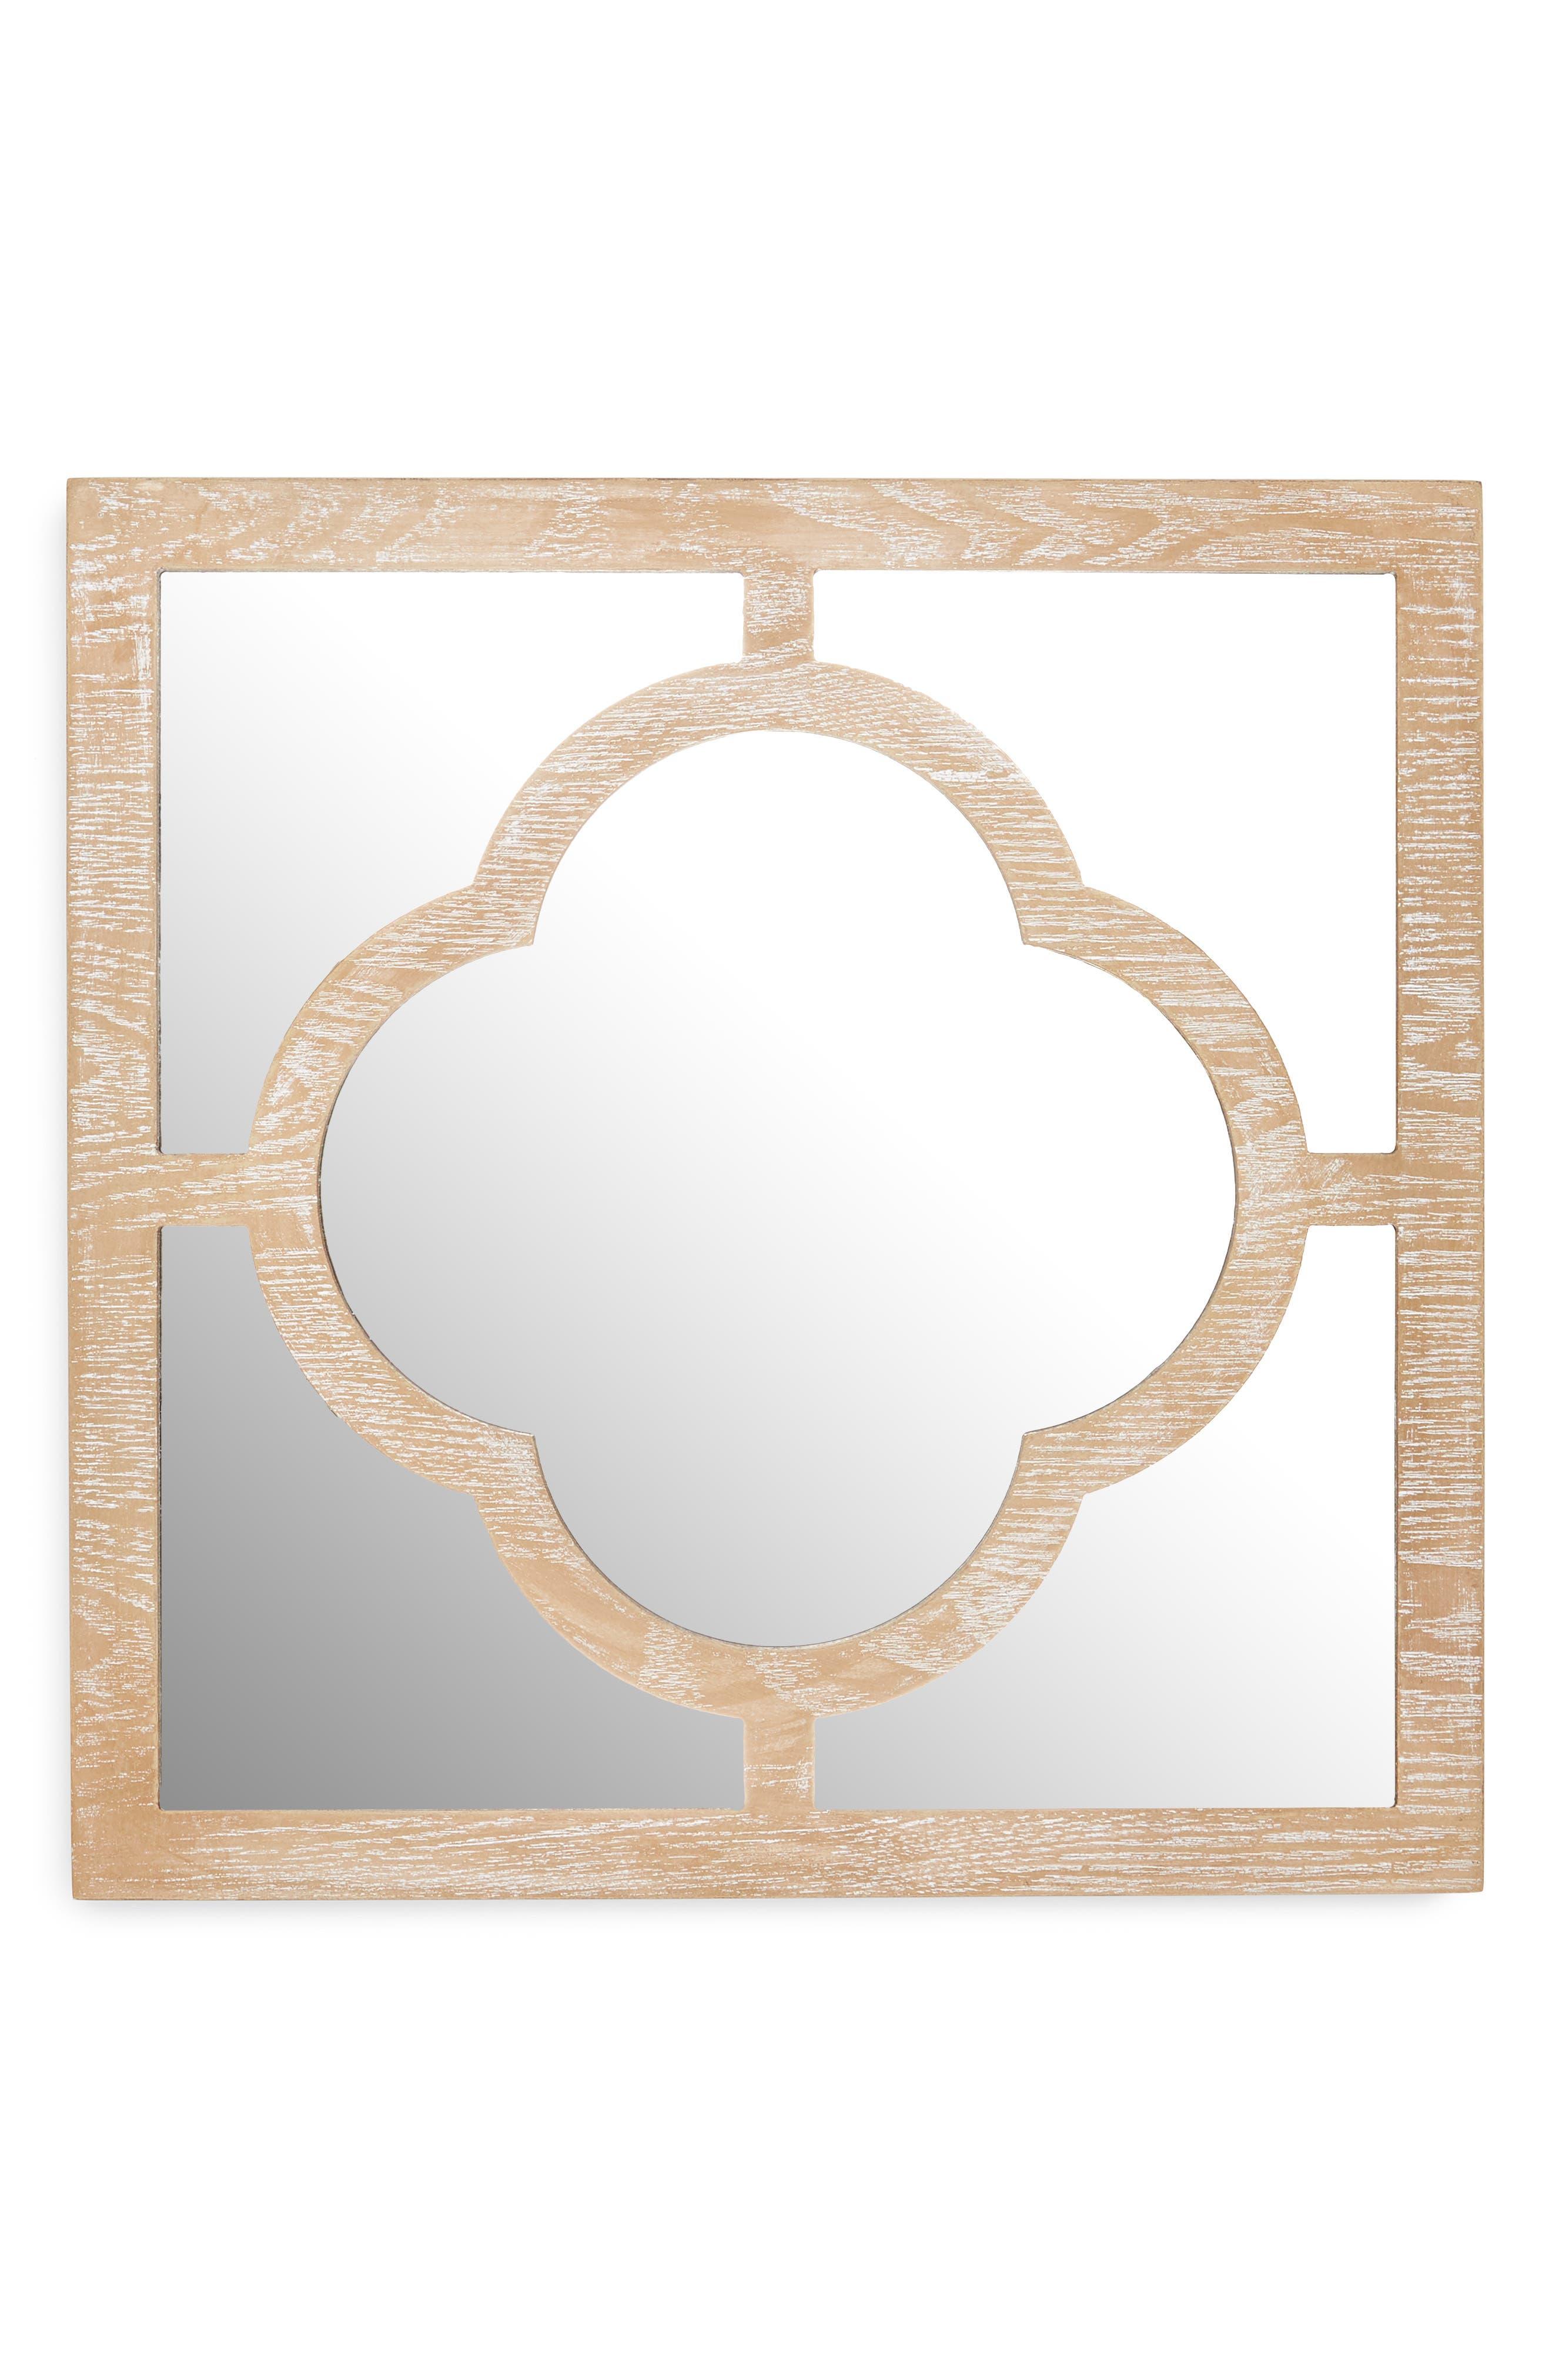 Square Quatrefoil Mirror,                             Main thumbnail 1, color,                             200